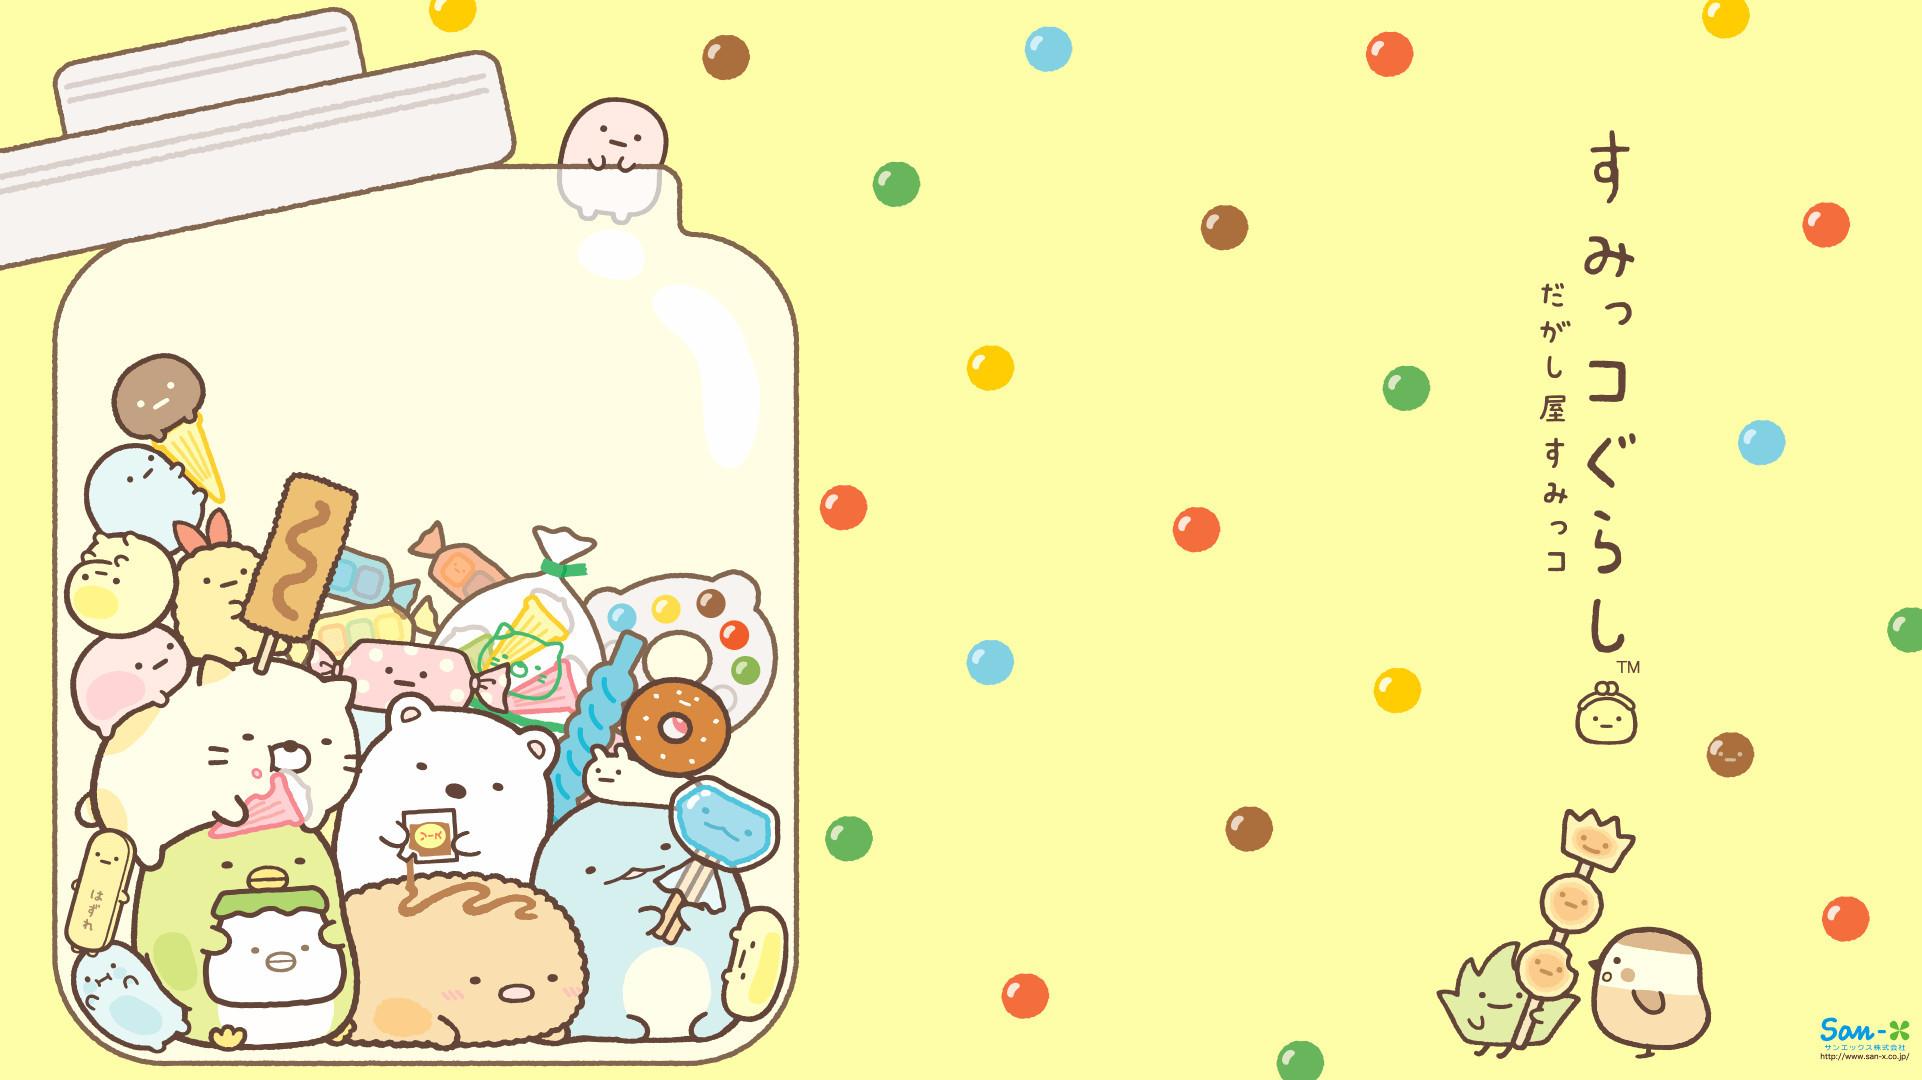 Res: 1922x1080, iPhone 5 Wallpaper Rilakkuma Cute · Kawaii Of iPhone 5 Wallpaper Rilakkuma  Cute · Kawaii